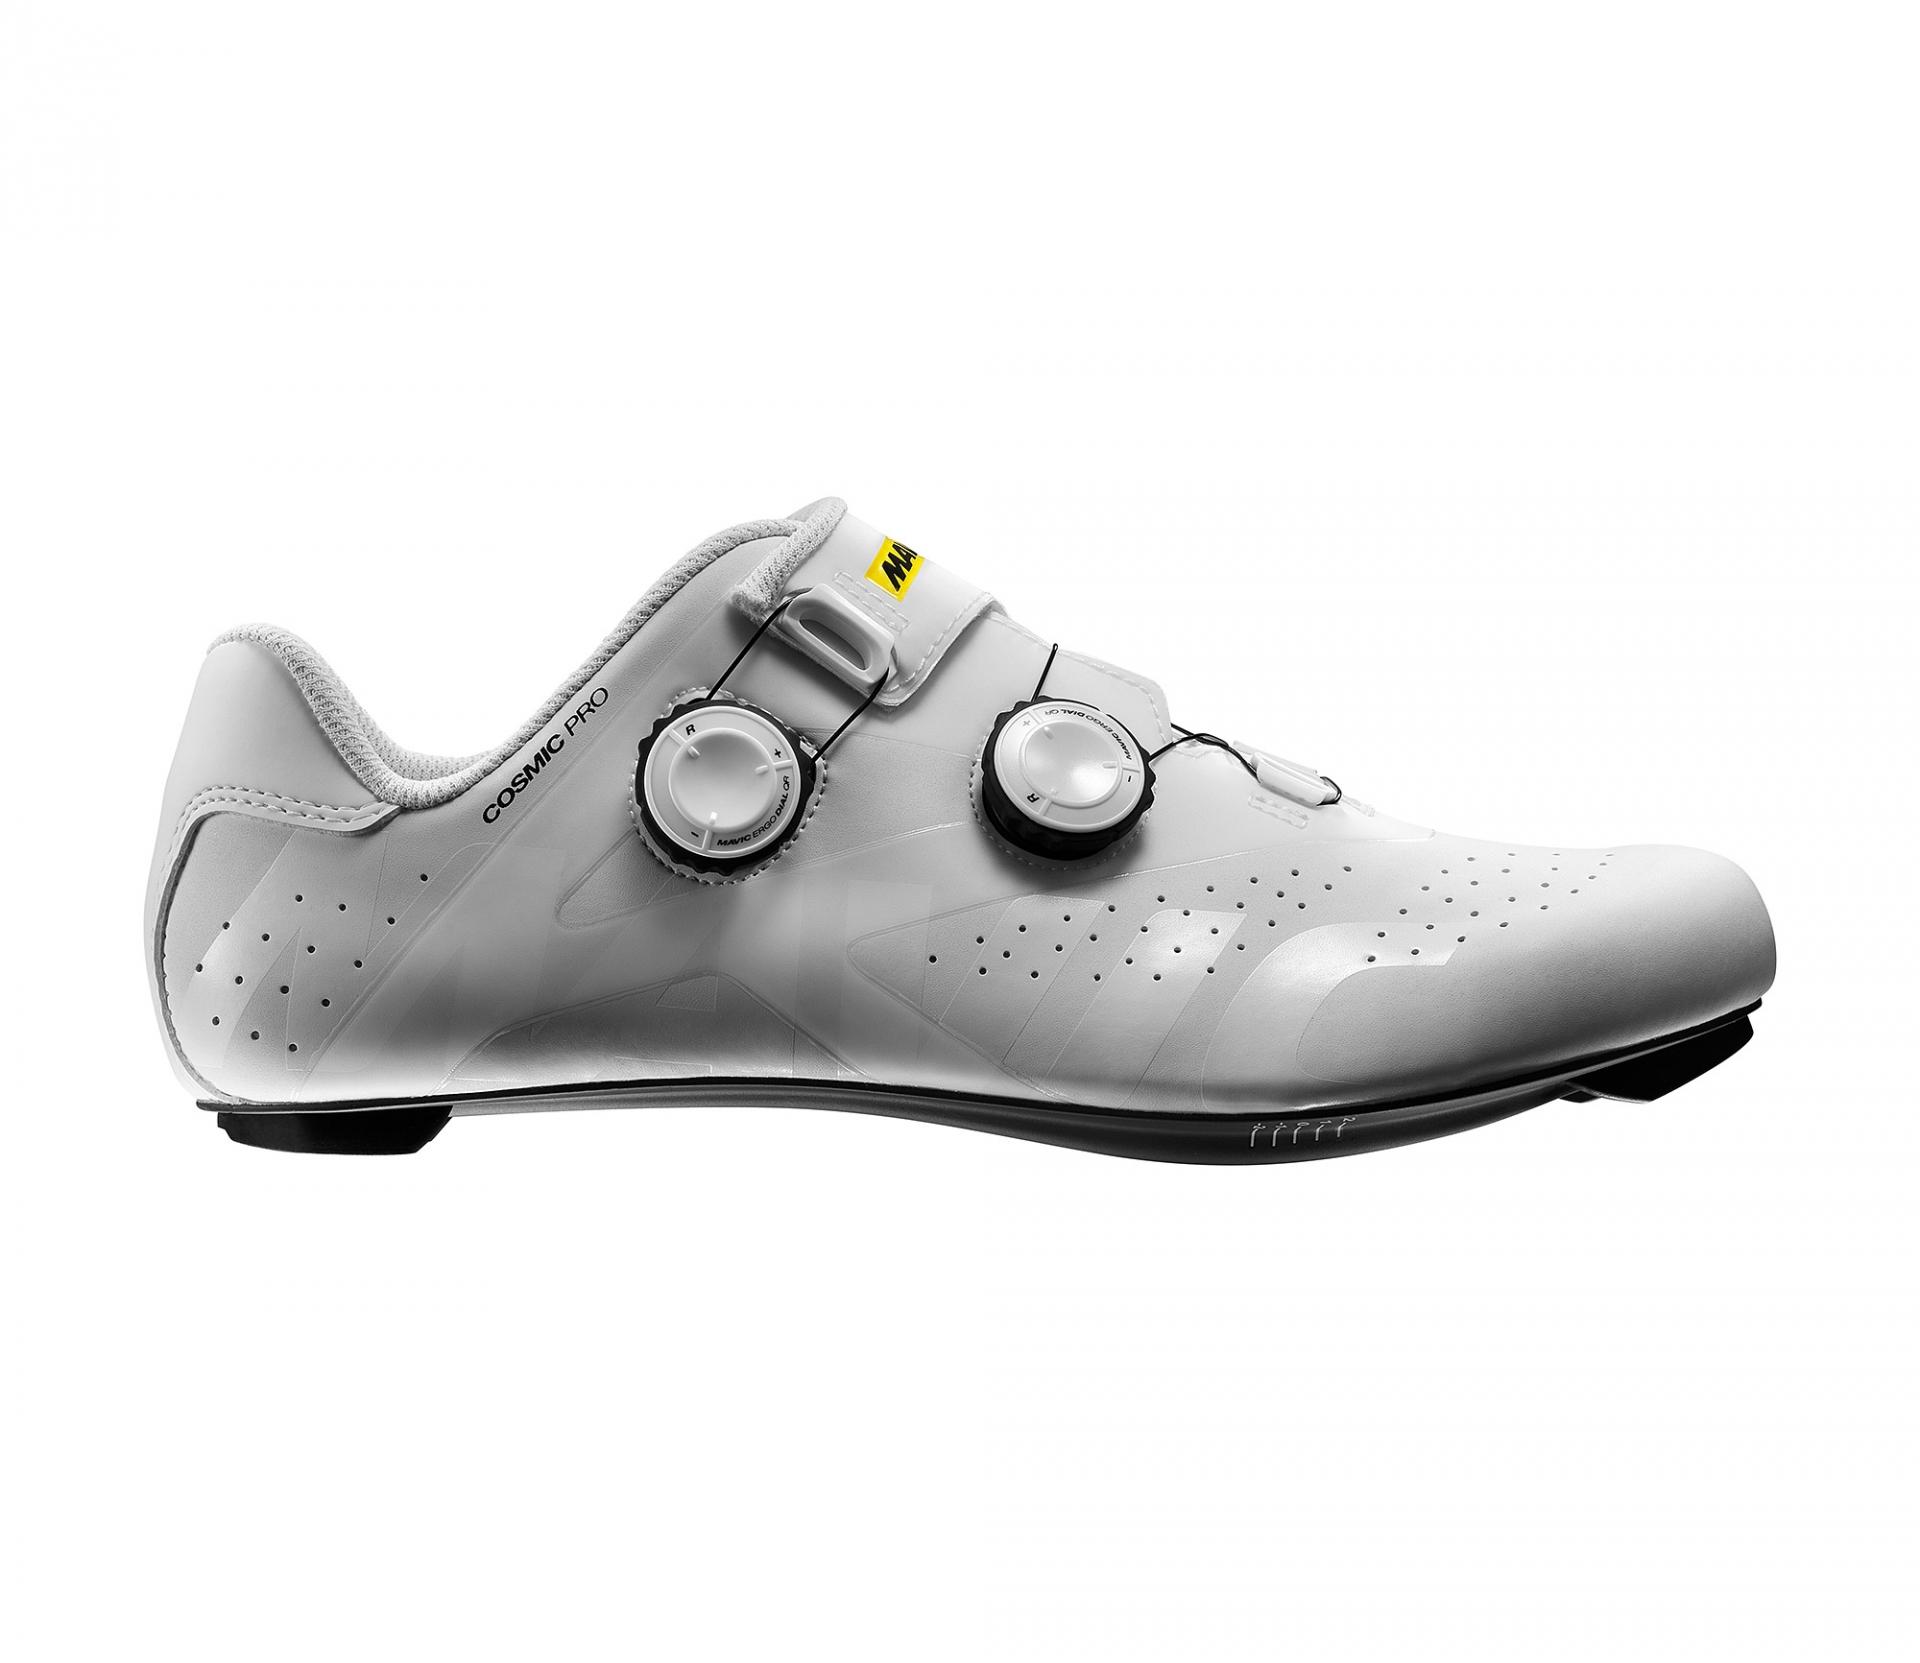 Chaussures route Mavic Cosmic Pro Blanc/Noir - 43 1/3